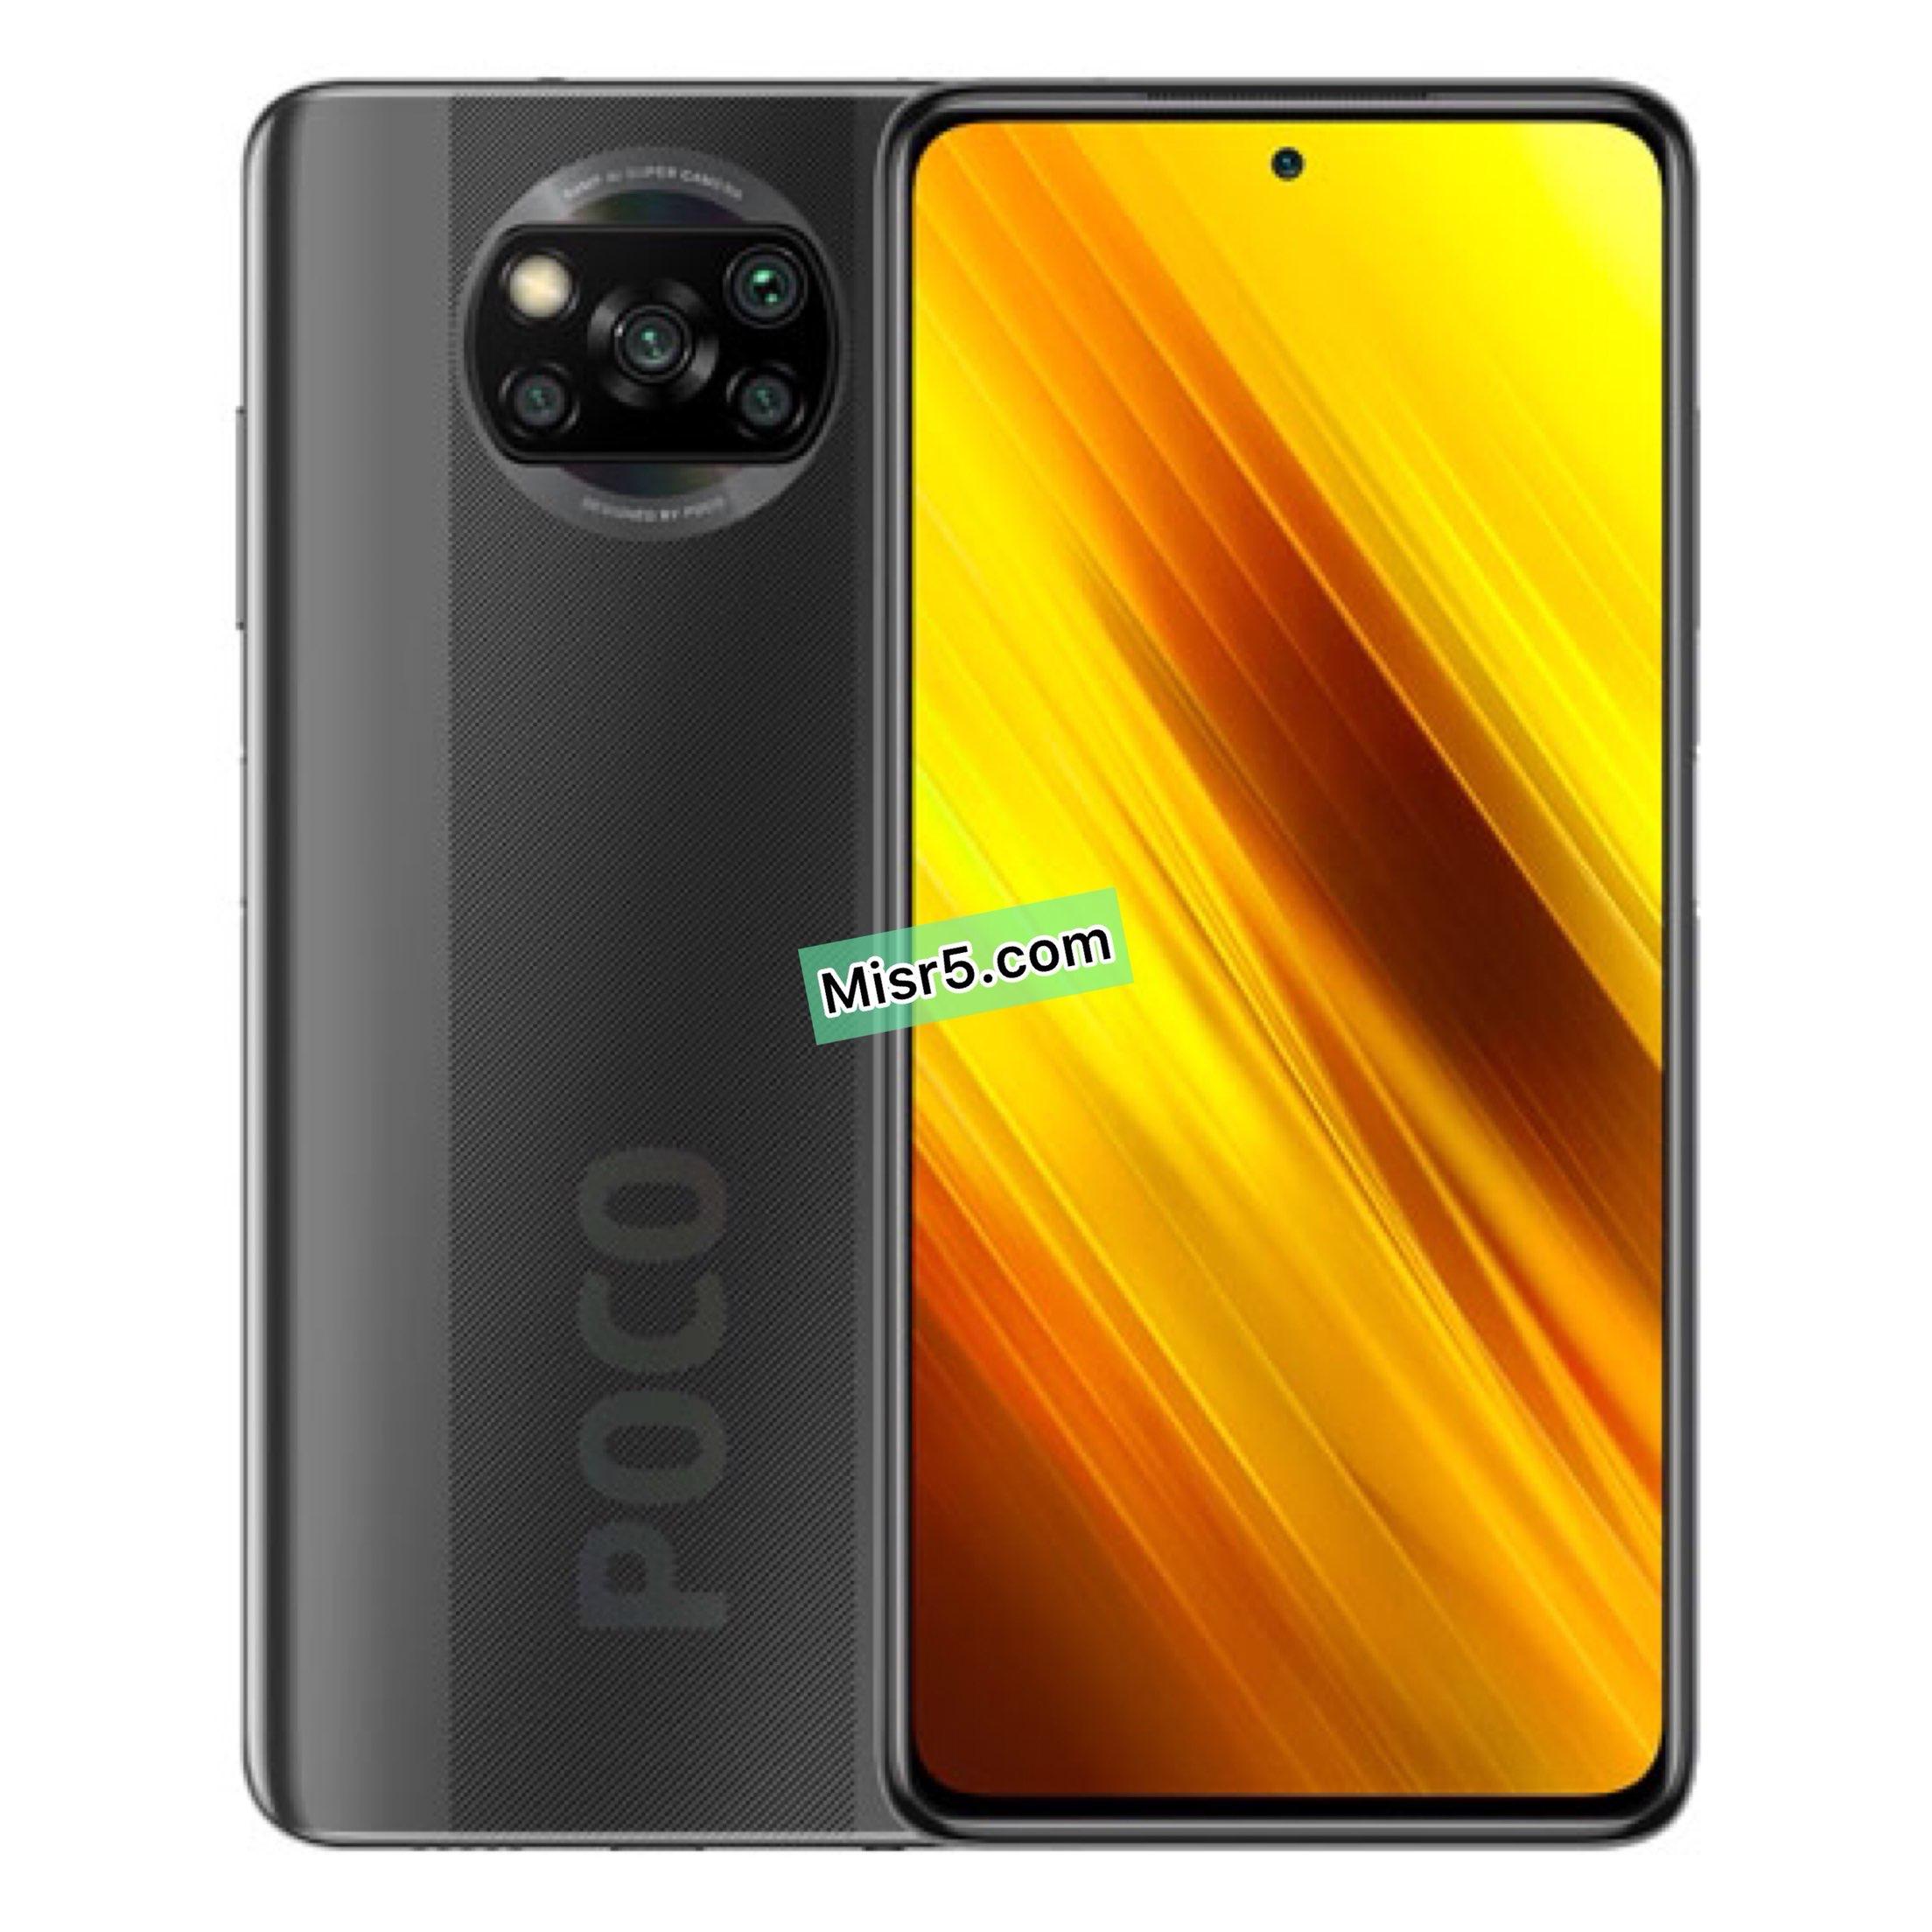 مواصفات وسعر هاتف شاومي Poco X3 pro المنتظر 2021